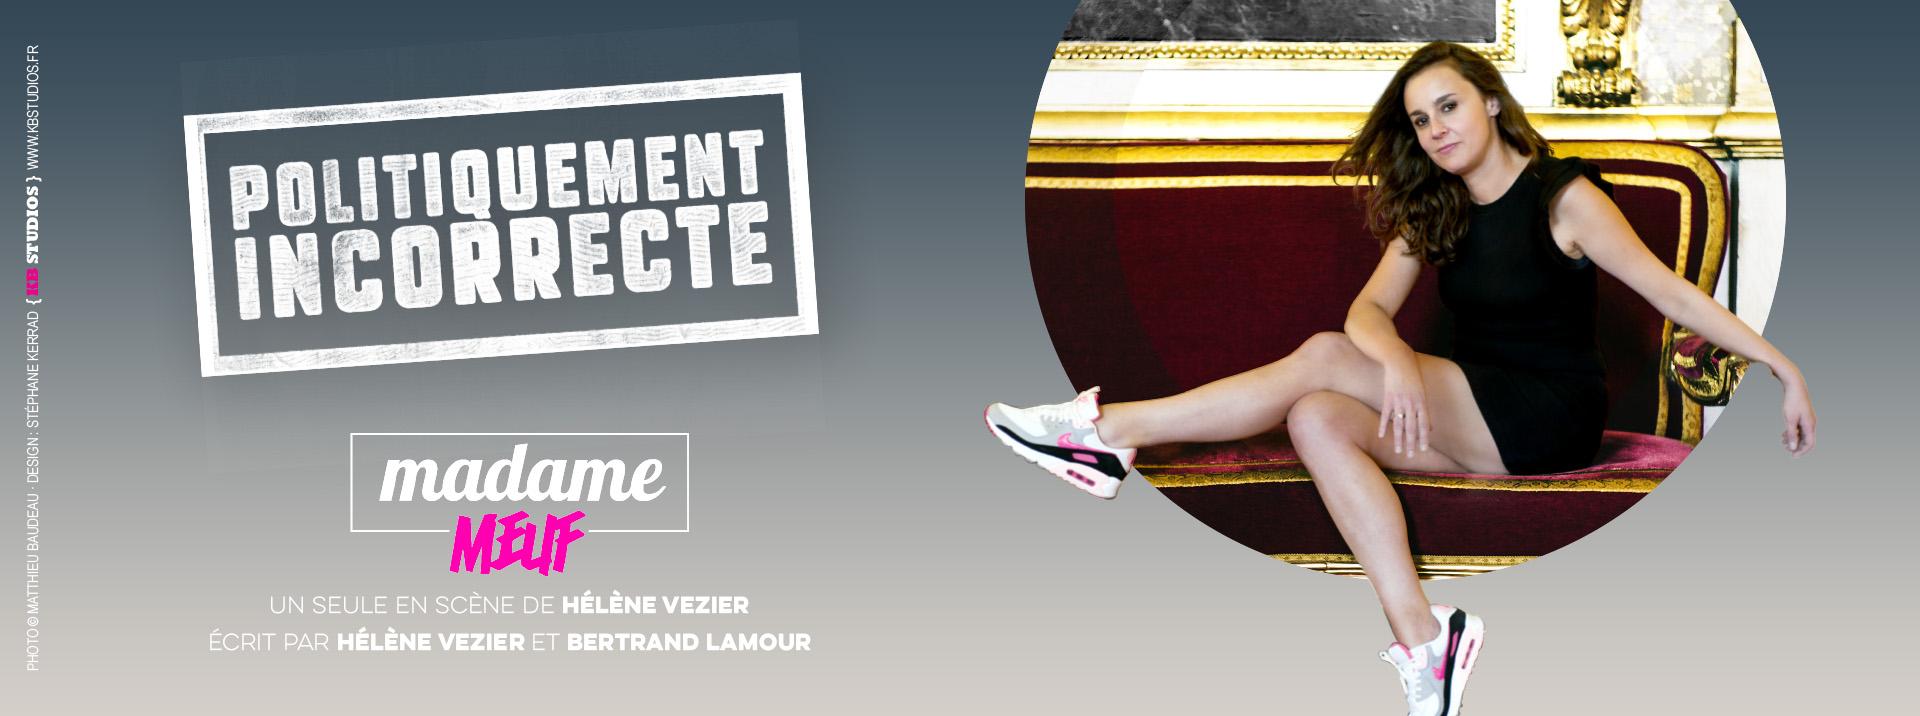 Spectacle, Nantes, Humour, Politiquement incorrecte, Rire, Compagnie , Podcast, Humoriste, Comique, Spectacles, One-man-show, Sur scène, Humour, Cabaret, Réservez, Tournée, Nouveau spectacle, Roumanoff, Réservez vos places, Zénith, Faire rire, Humoristes, Comédien, Sketches, Spectacle d humour, Spectacles d humour, One-woman, Improvisation, Comédiens, Théâtres, Comédienne, Comiques, One-woman-show, Comedy club, Humoristique, Festival d humour, Rires, Drôles, Premier spectacle, Spectacle humoristique, Centre culturel, Troupe, TPR, Café-théâtre